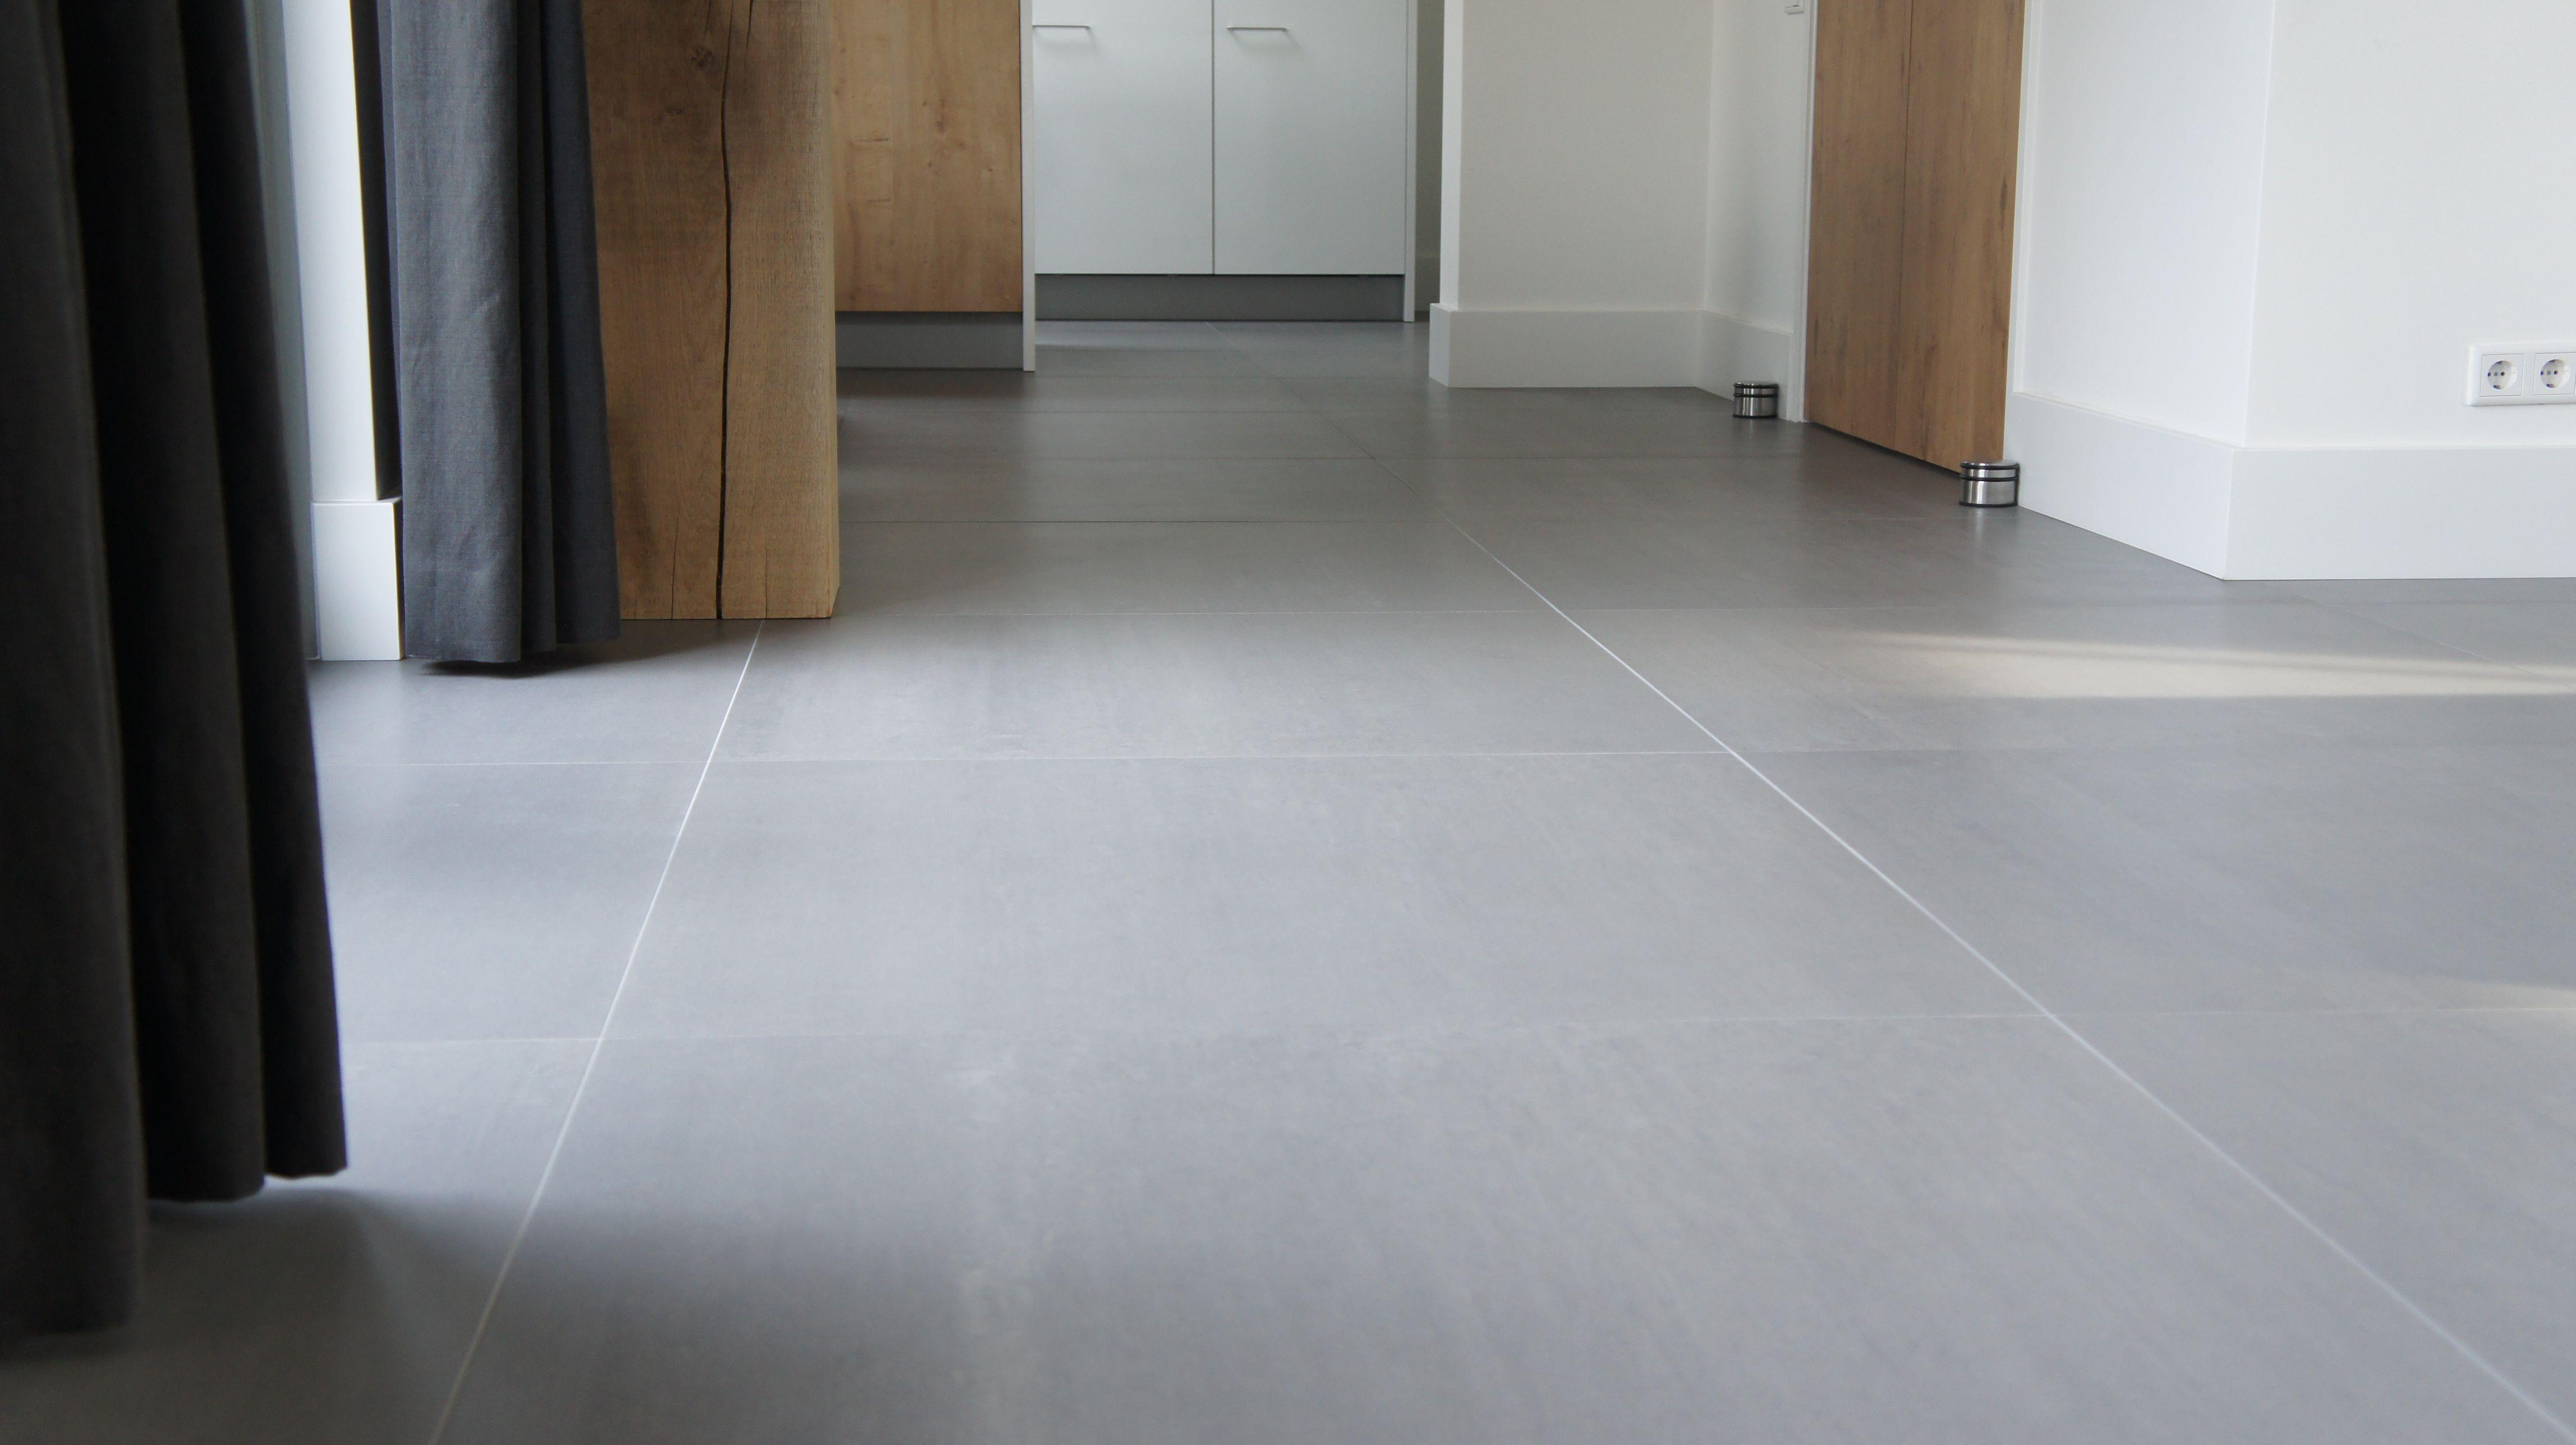 Tegelvloer betonlook antraciet 100 x 100 cm woonkamer/keuken ...